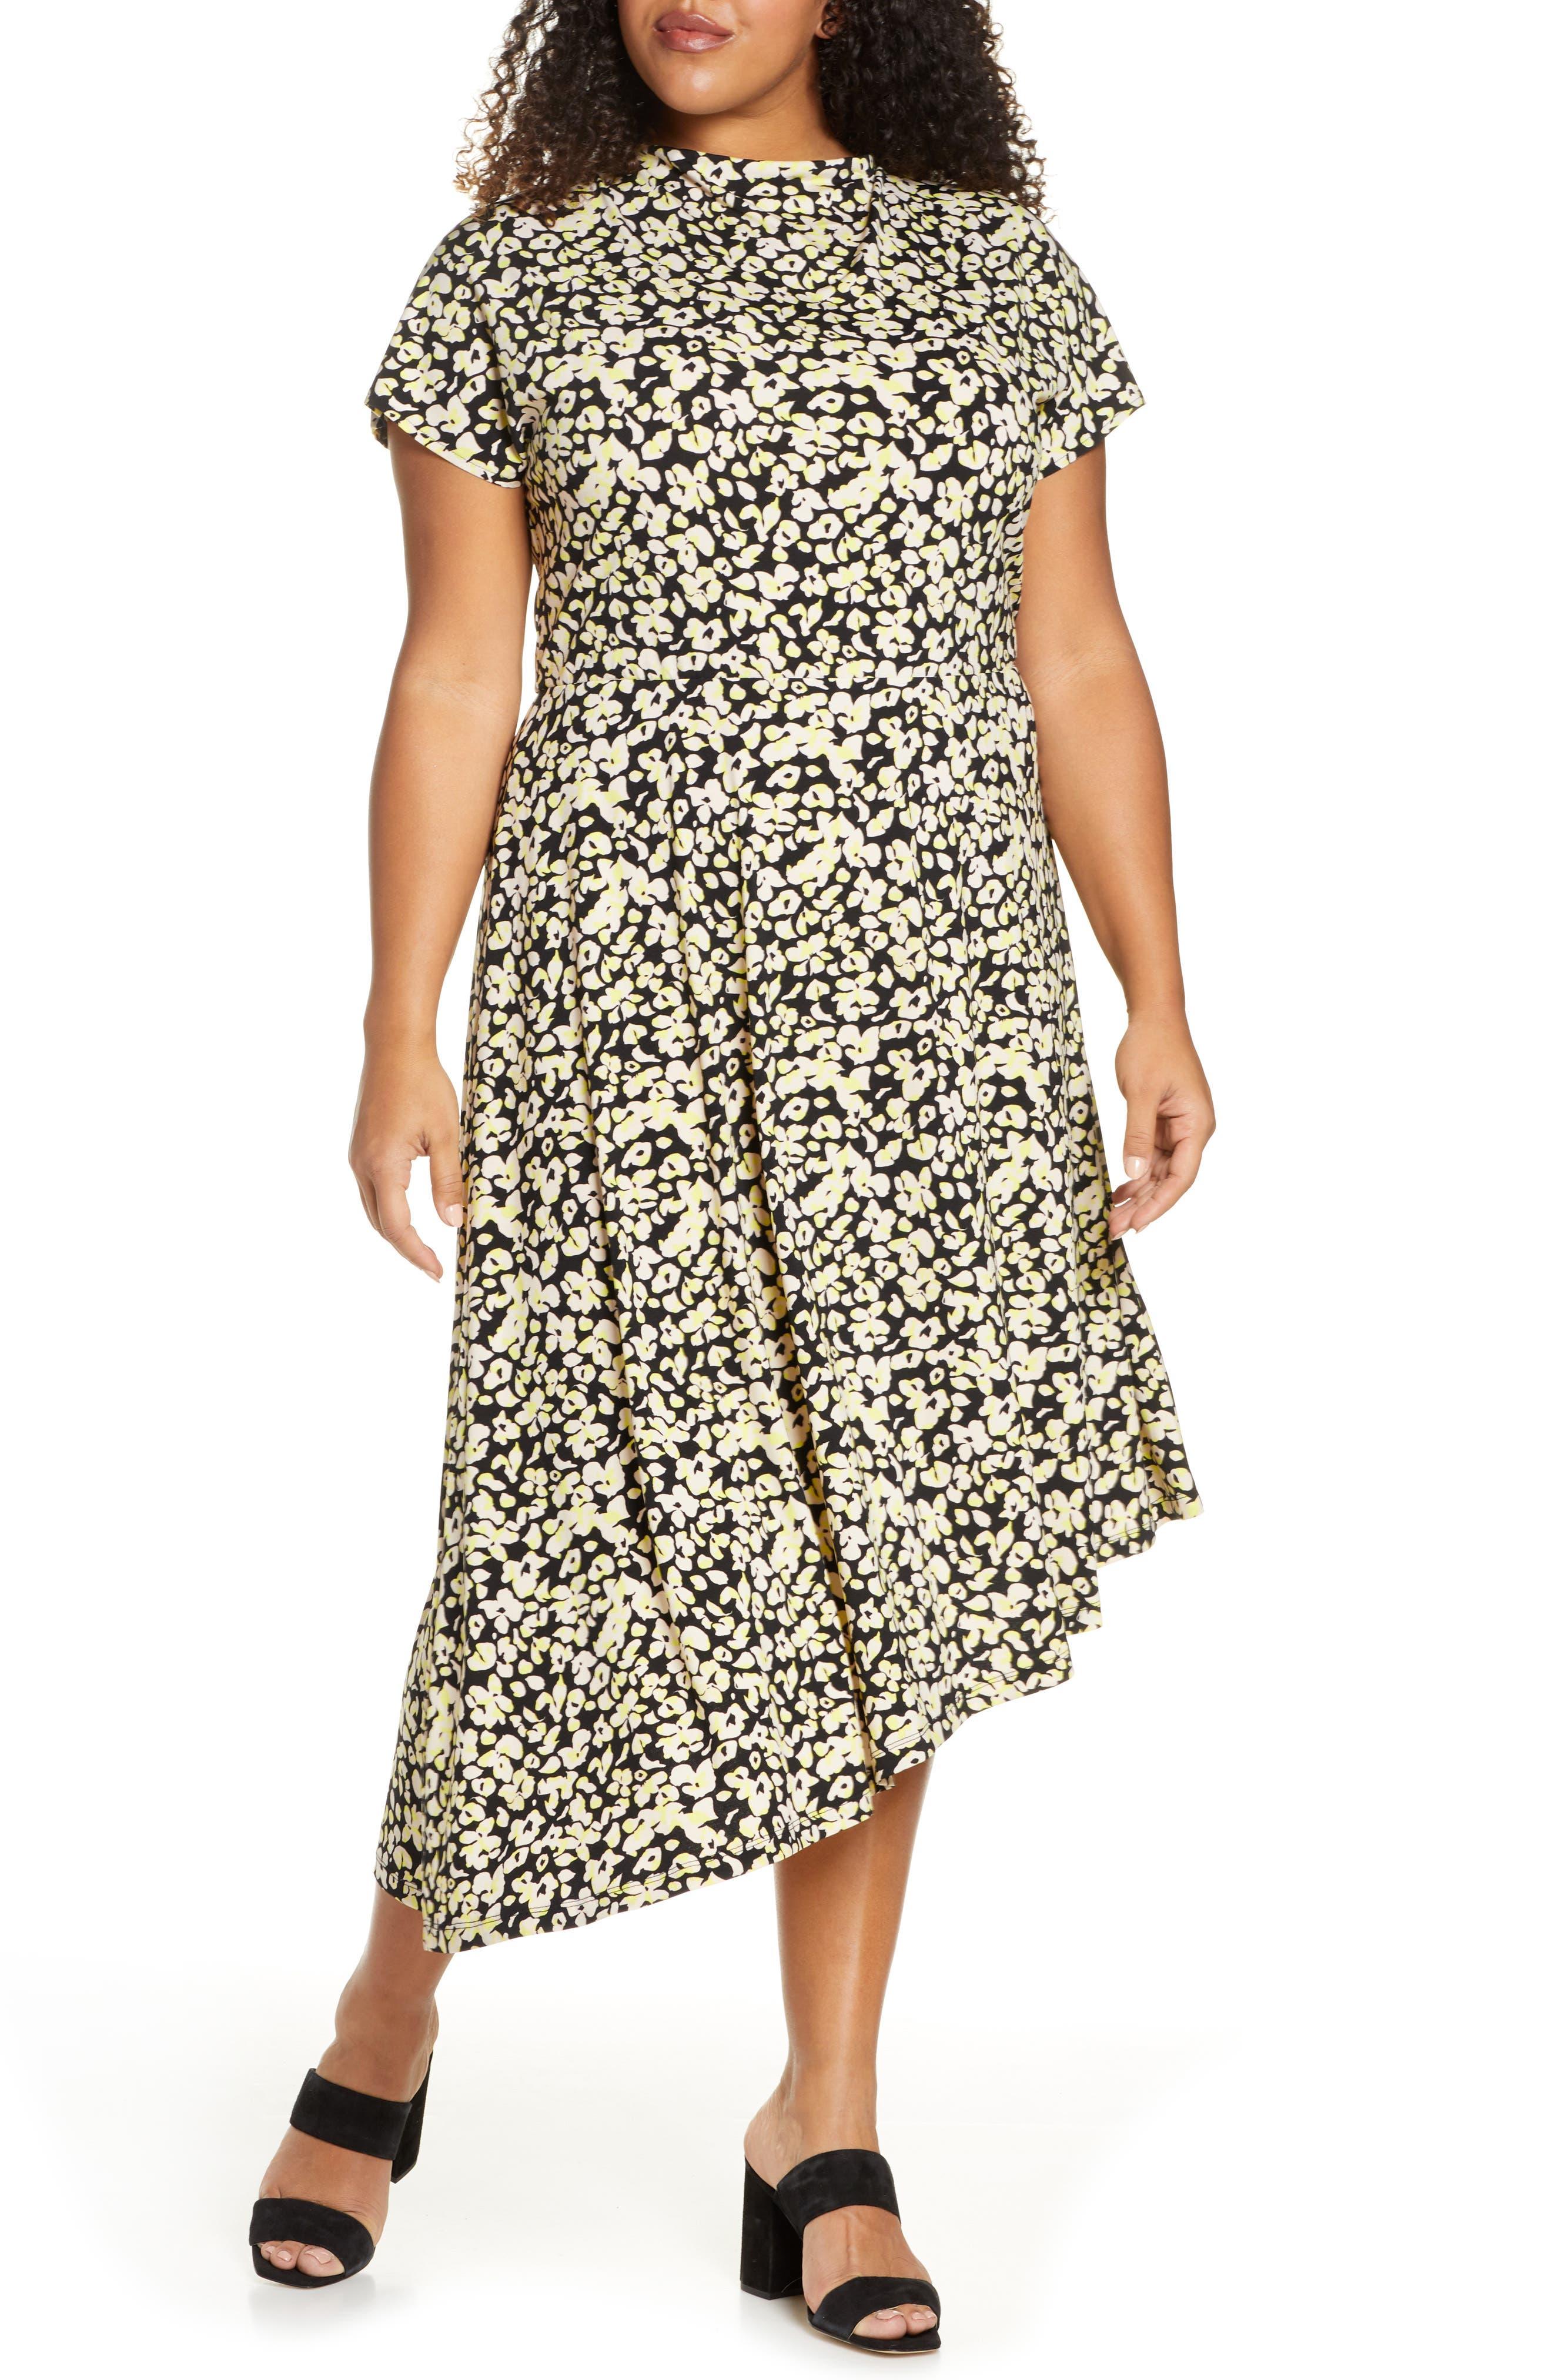 1930s Art Deco Plus Size Dresses | Tea Dresses, Party Dresses Plus Size Womens Eloquii Floral Asymmetrical Hem Stretch Jersey Midi Dress $79.95 AT vintagedancer.com